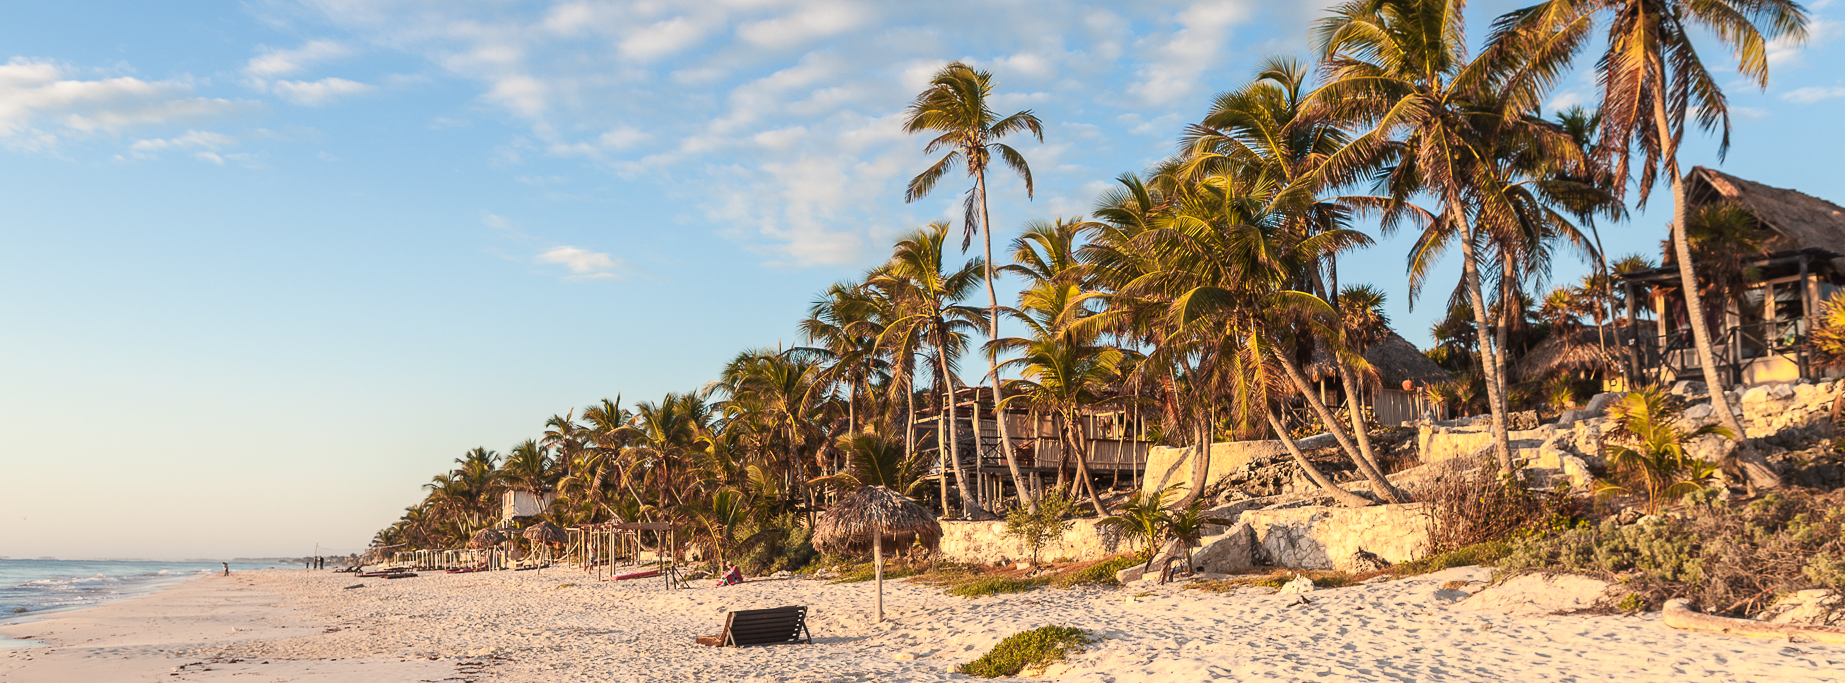 Karibik_3177_Strand_05